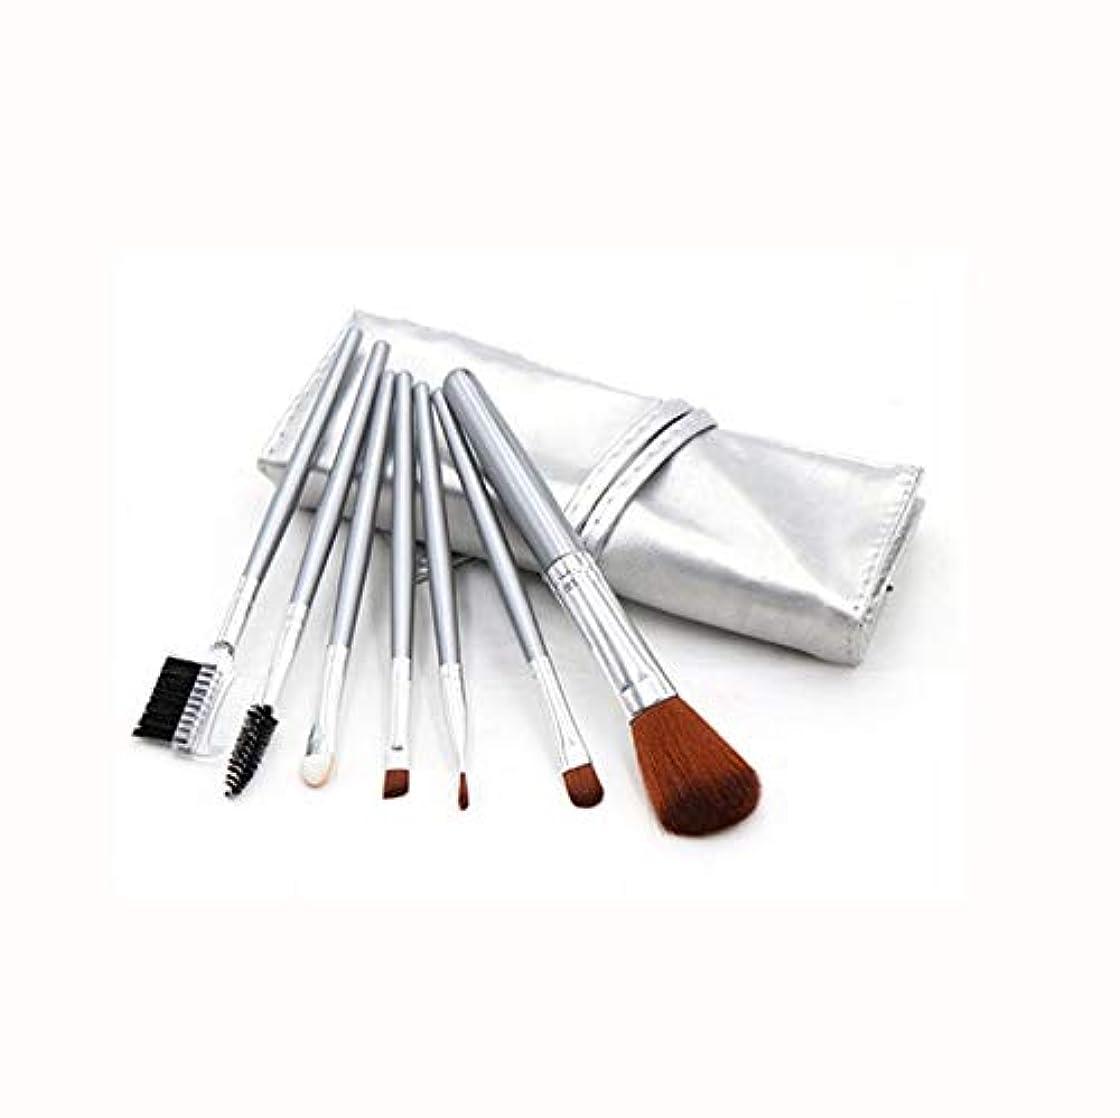 アナロジー穏やかなジーンズ化粧ブラシセット、シルバー7化粧ブラシ化粧ブラシセットアイシャドウブラシリップブラシ美容化粧道具